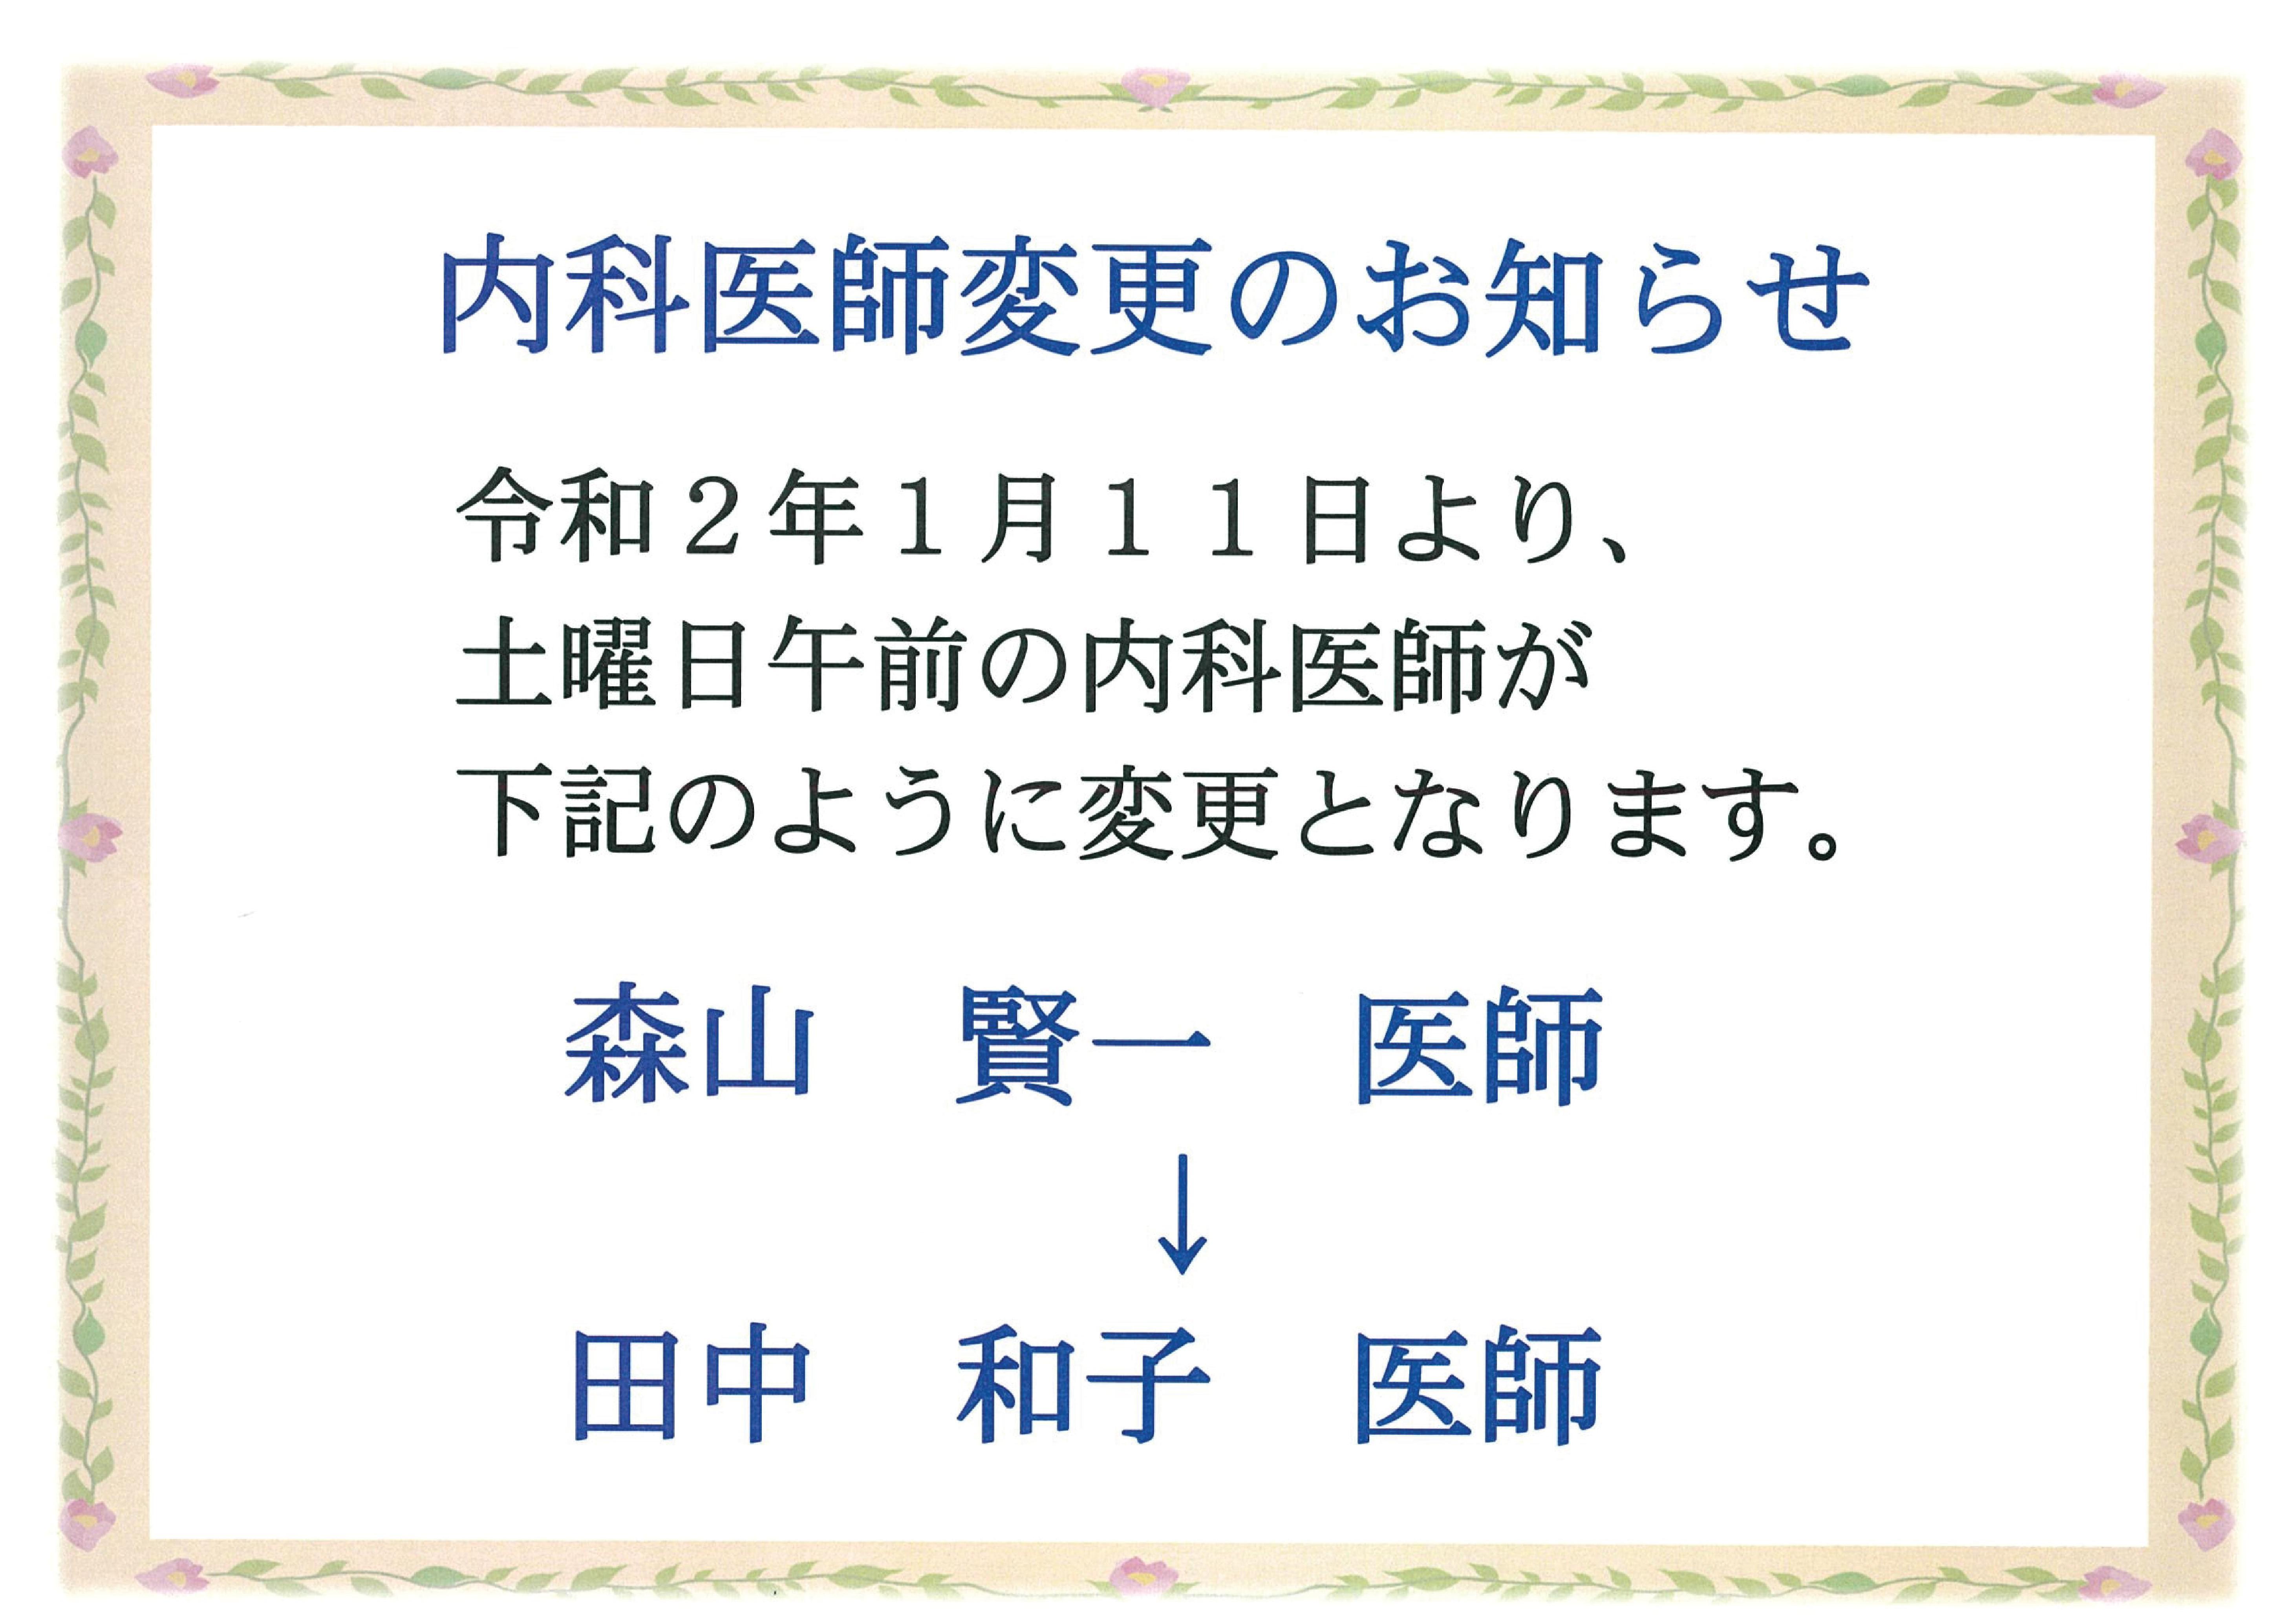 2020.1.11より土曜日午前の内科医師が森山賢一医師から田中和子医師へ変更となります。